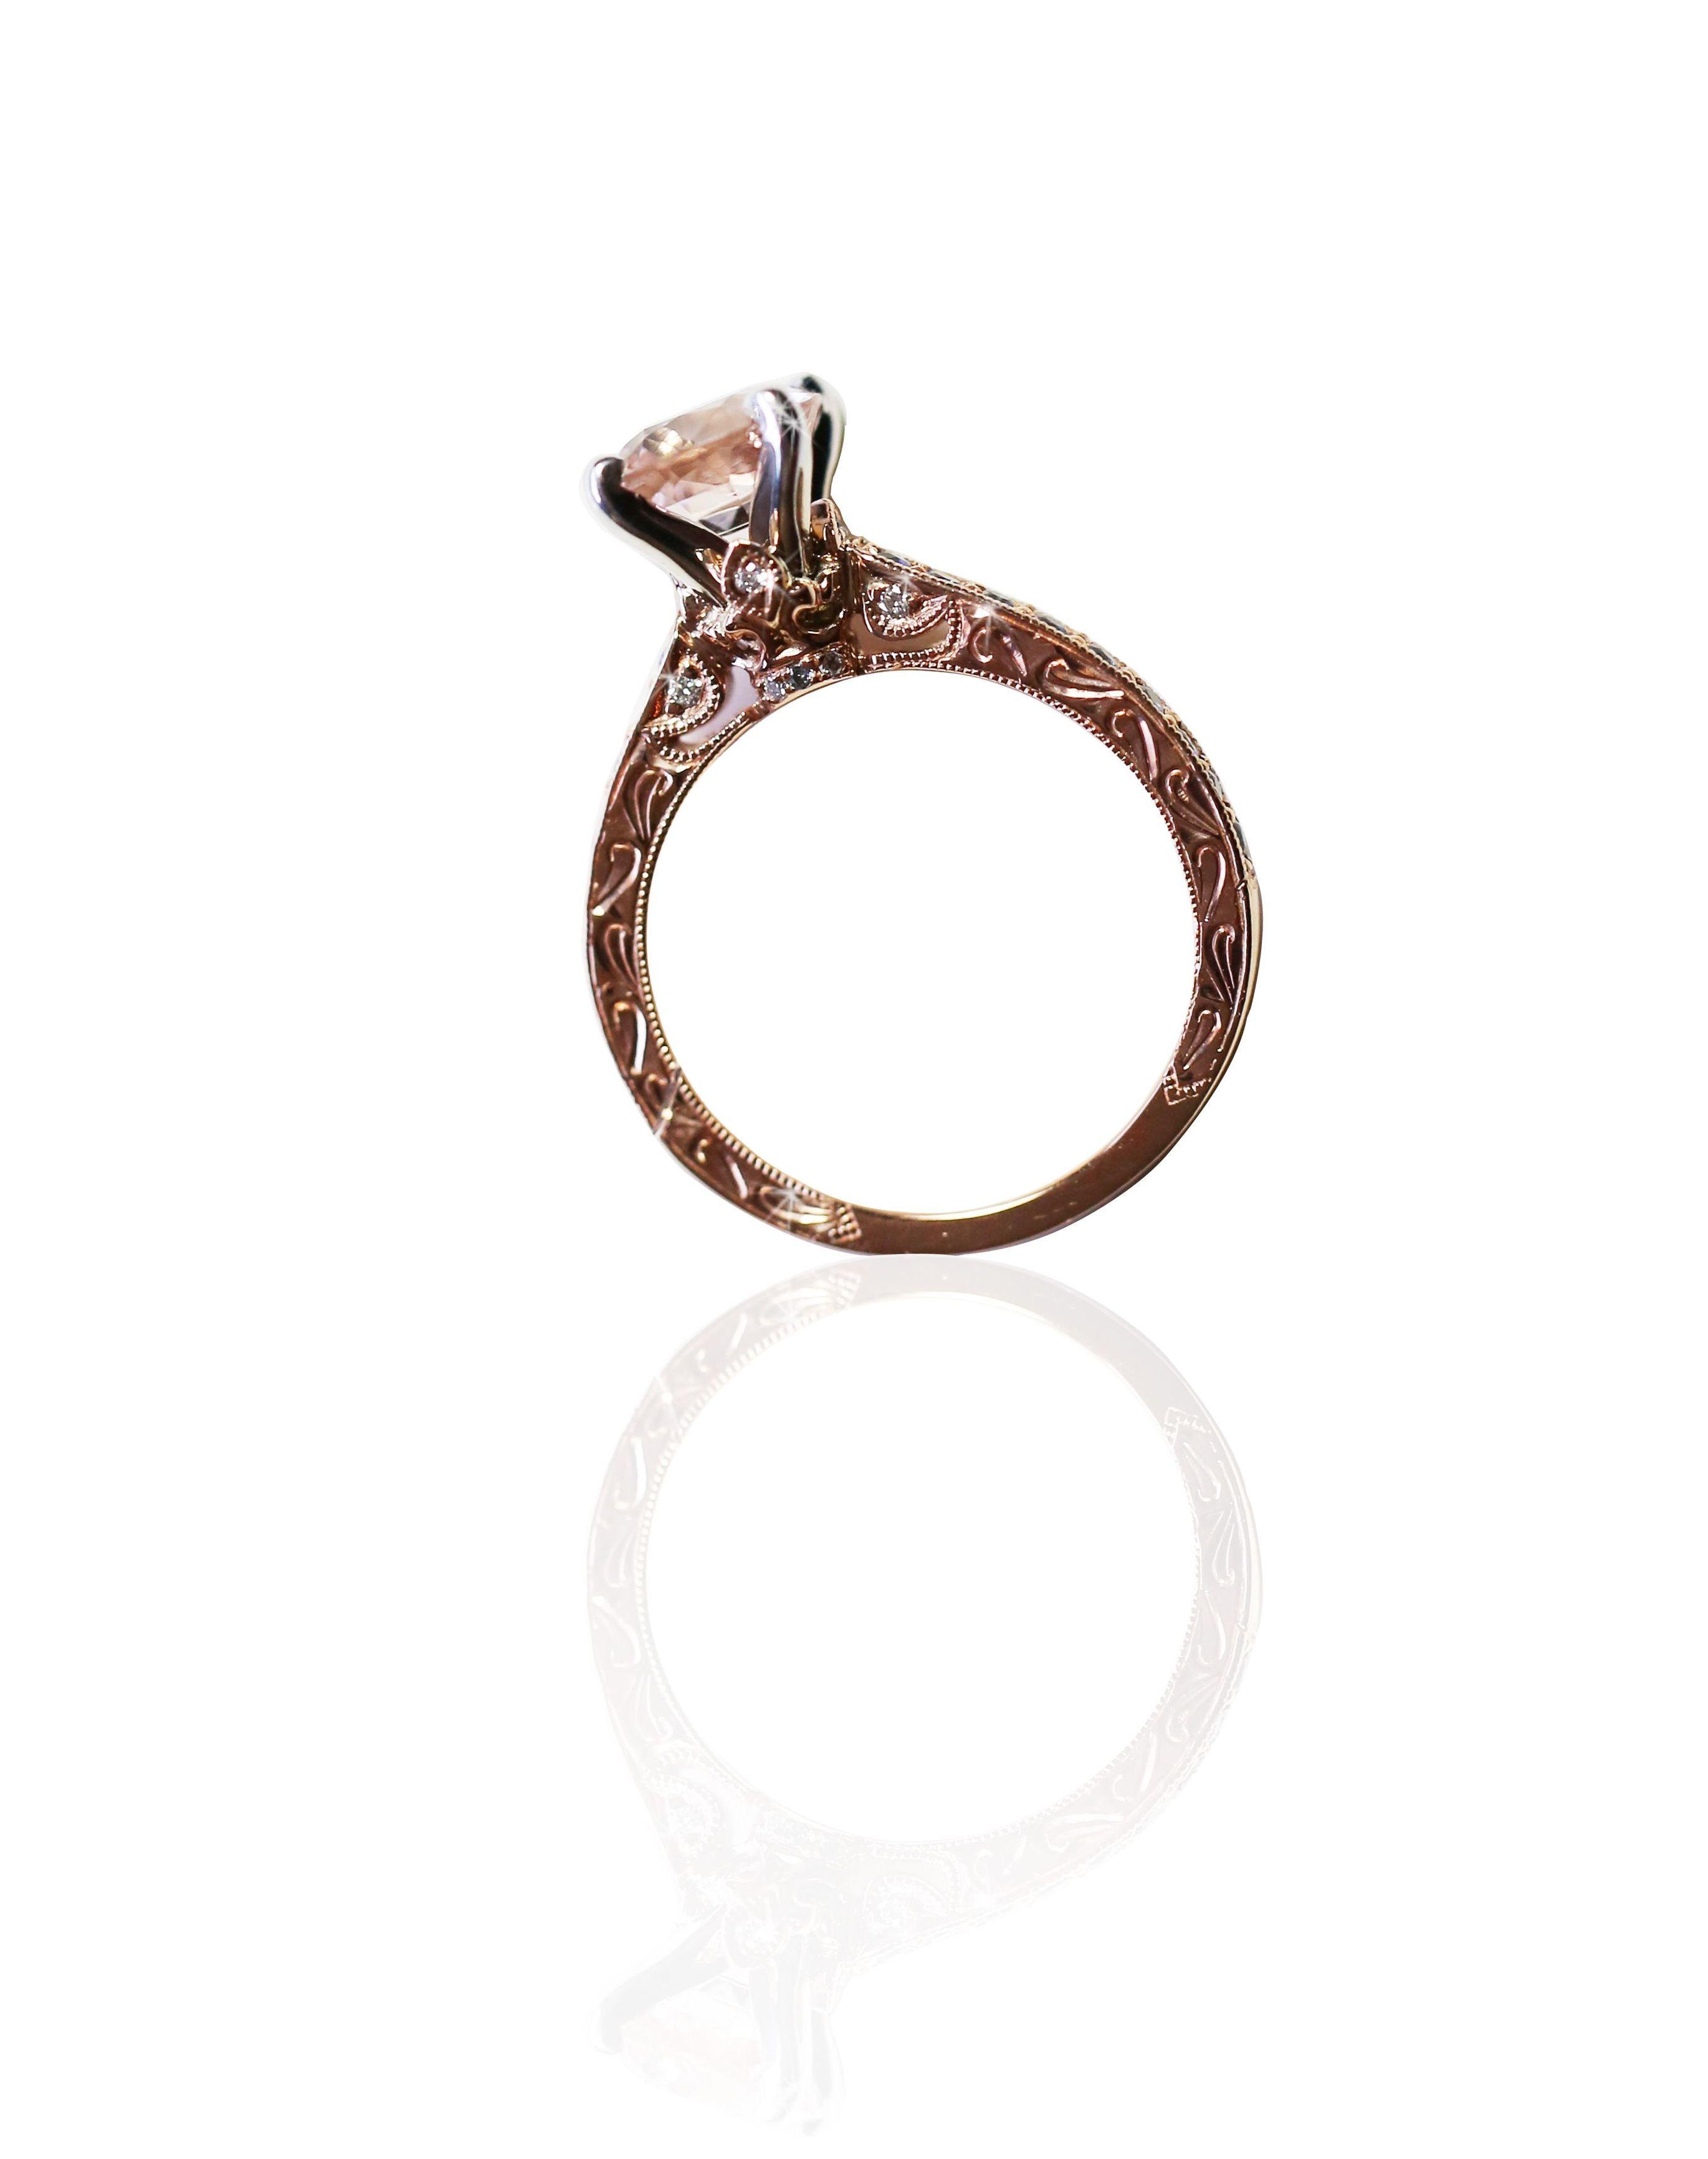 Ring Pic 3 b